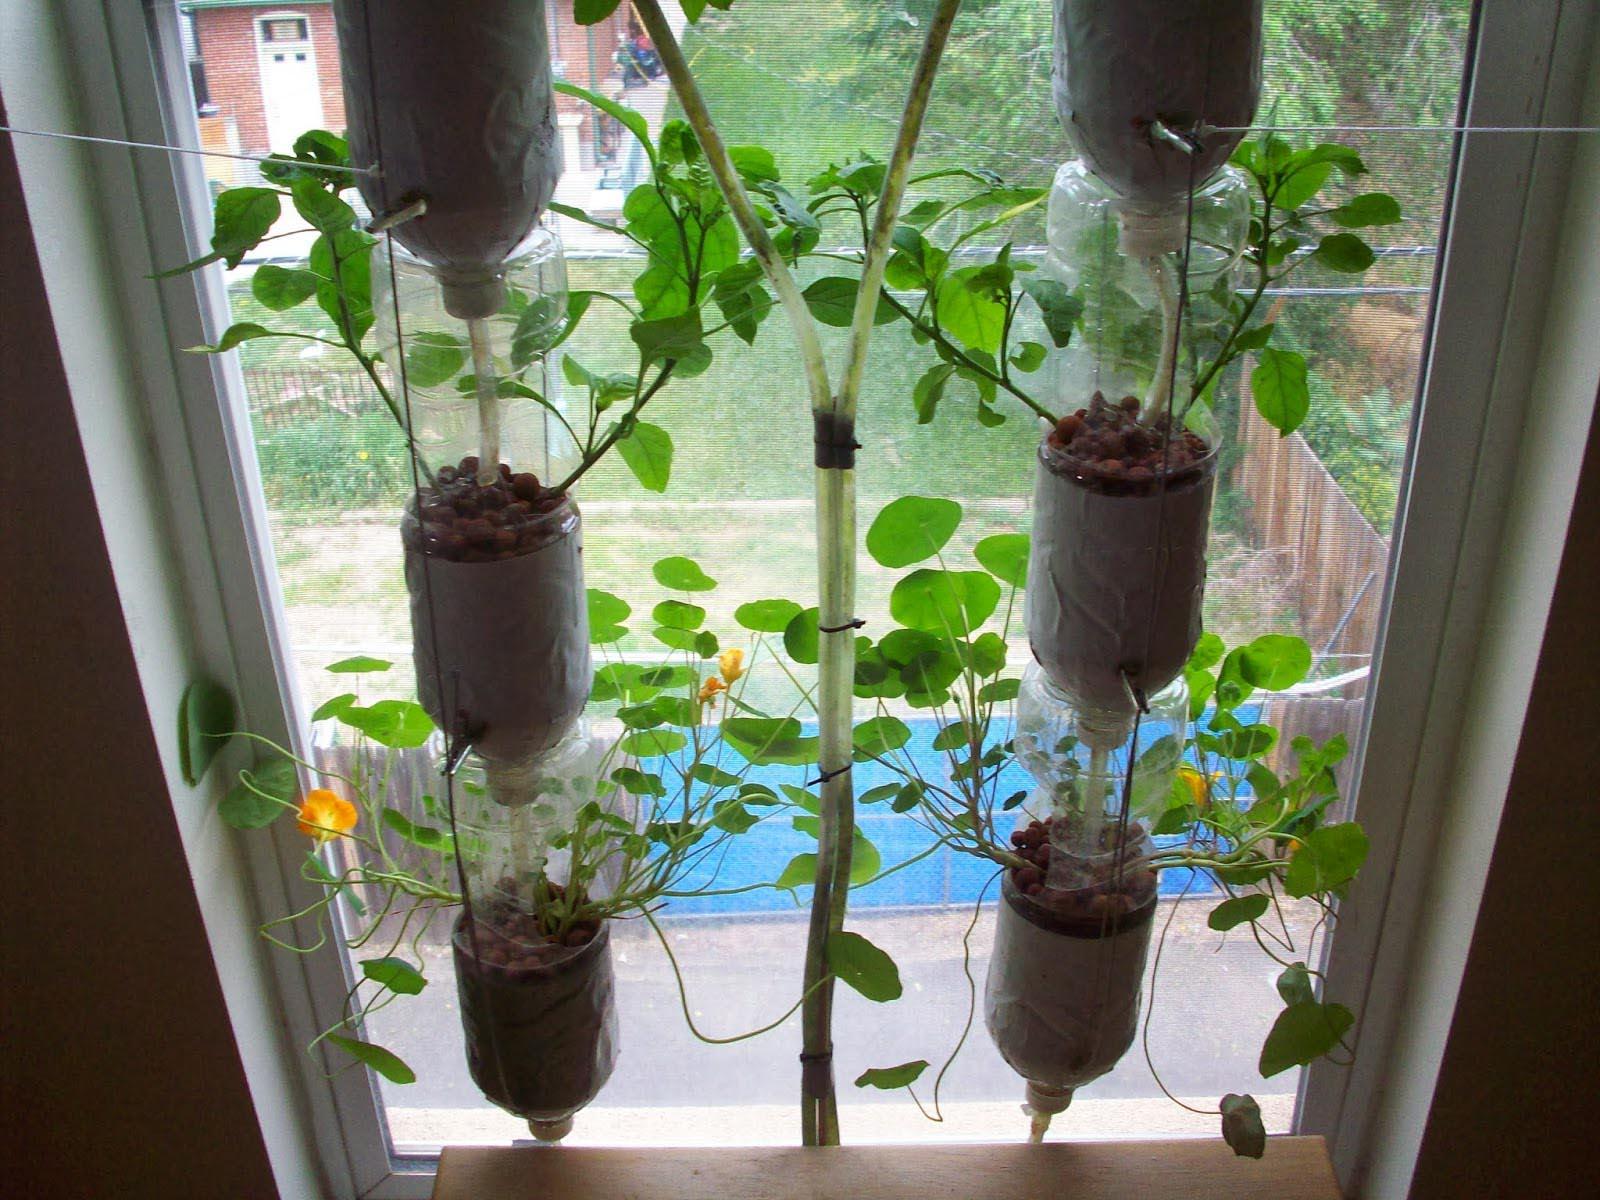 Indoor Window Herb Garden Ideas